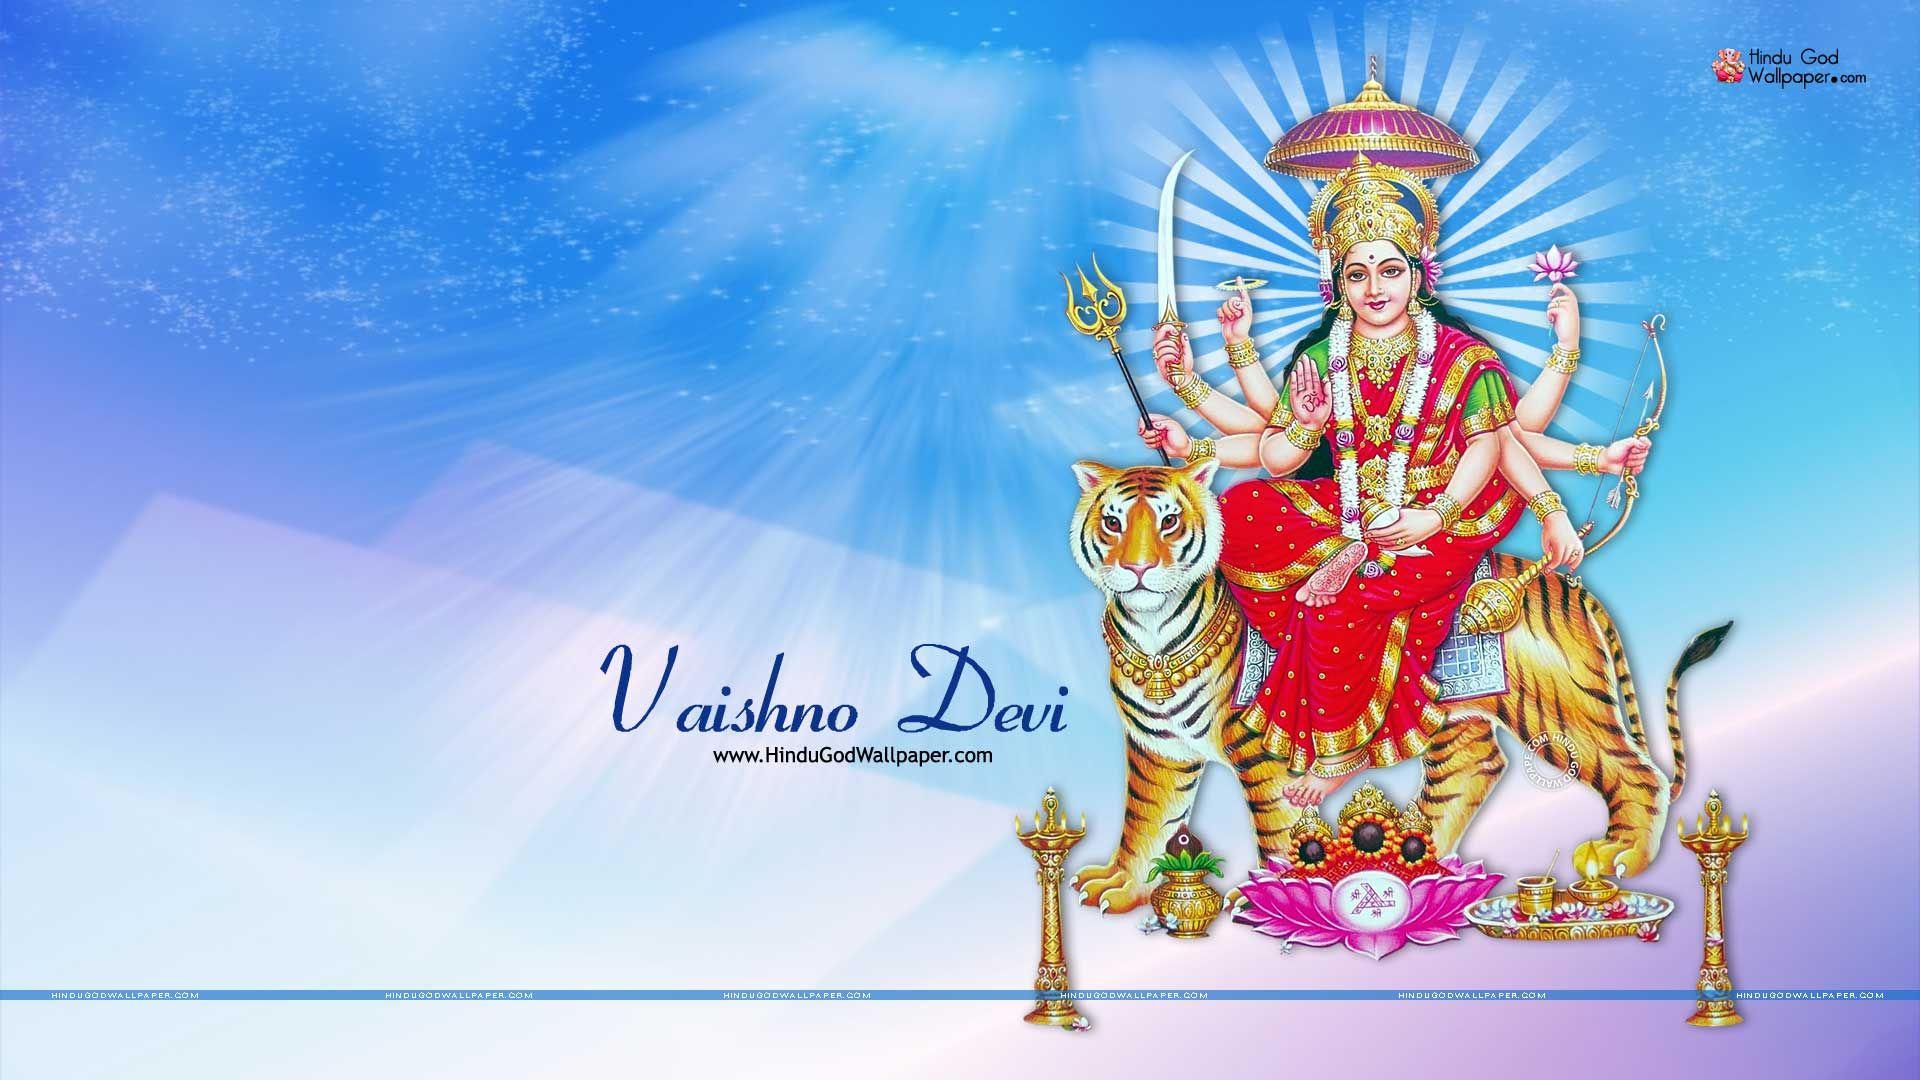 vaishno devi wallpaper full size Vaishno devi, Devi